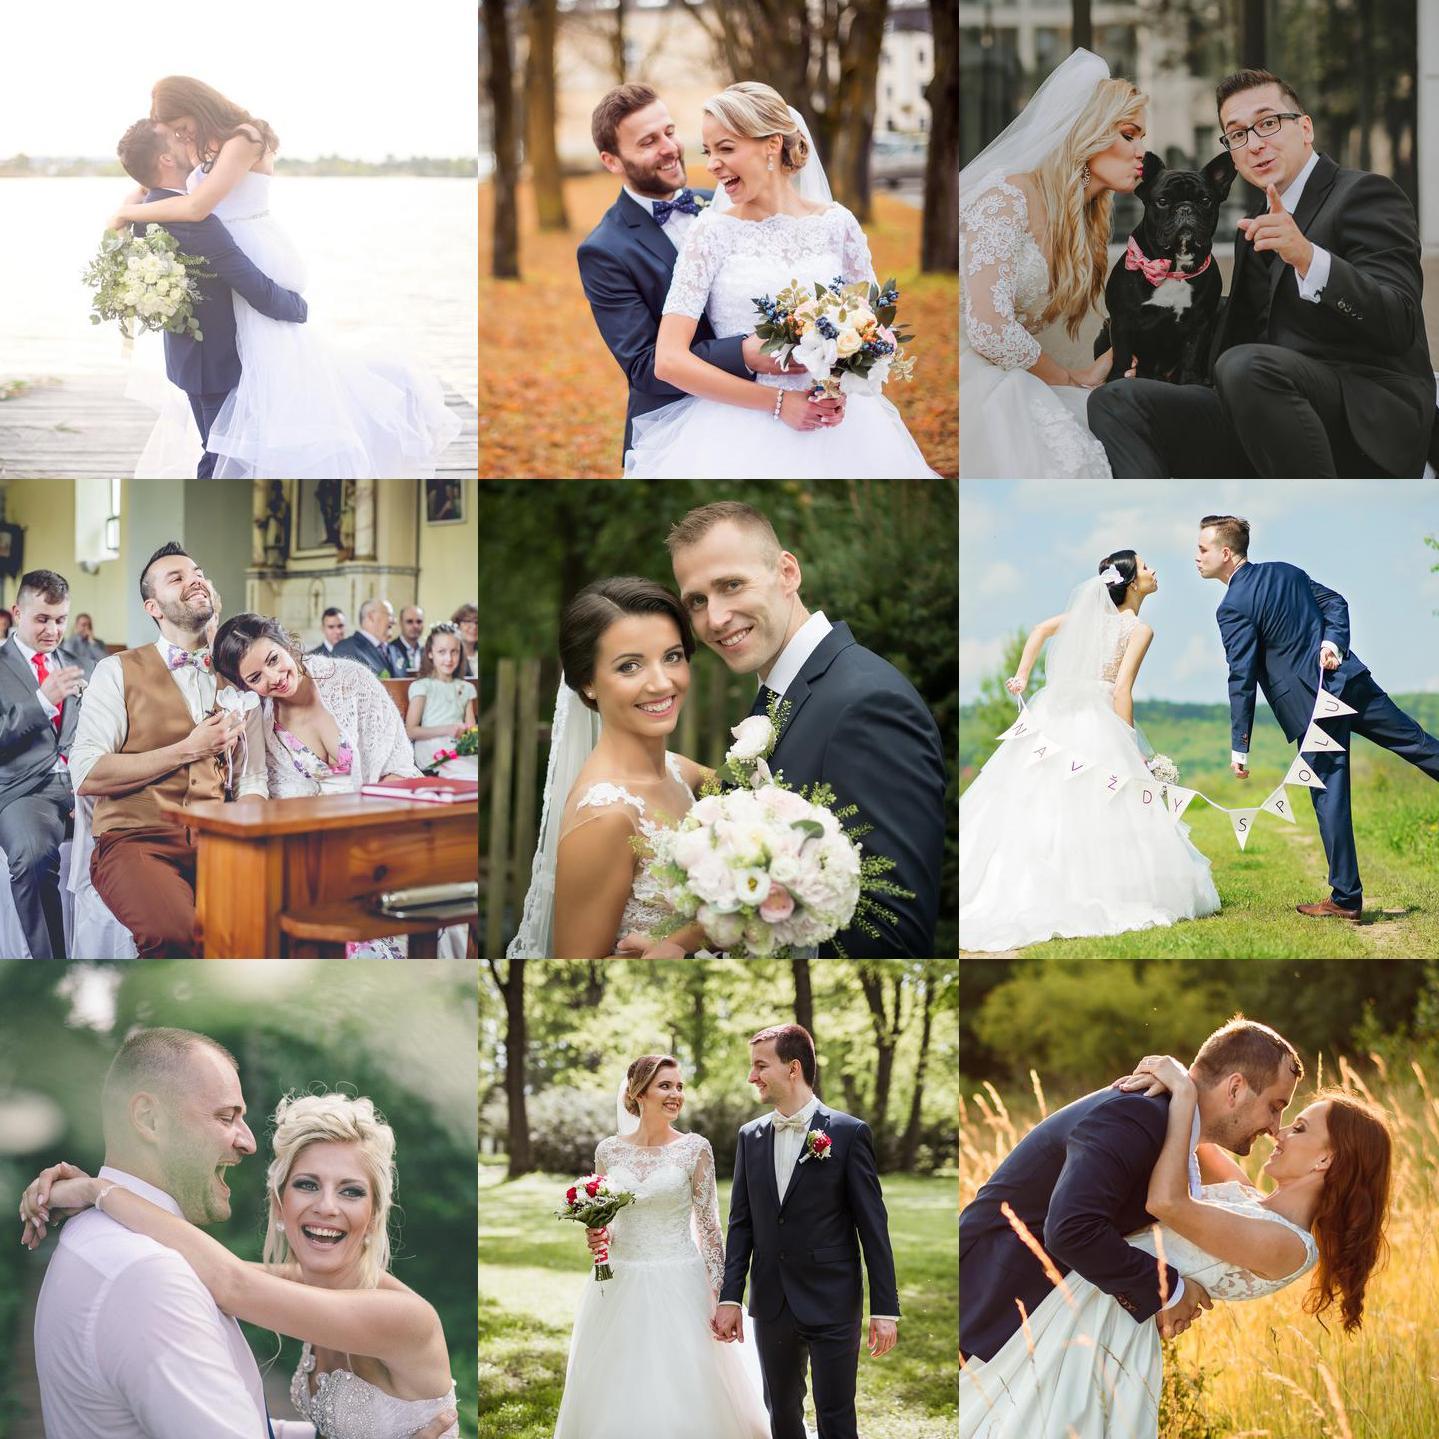 Nevesty, ktoré už máte svoju svadbu za sebou, poznáte výzvu #mojanaj ? :) Ak sa chcete zapojiť, stojíte pred náročnou úlohou: vyberte jednu svadobnú fotku, do ktorej ste sa úplne najviac zaľúbili, zverejnite ju vo svojom fotoblogu spolu s označením #mojanaj a môžete pridať aj pár slov o tom, prečo práve táto fotka :) a za každú fotku s označením posielam srdiečko. Tak čo, vyberiete tú svoju NAJ? :) - Obrázok č. 1